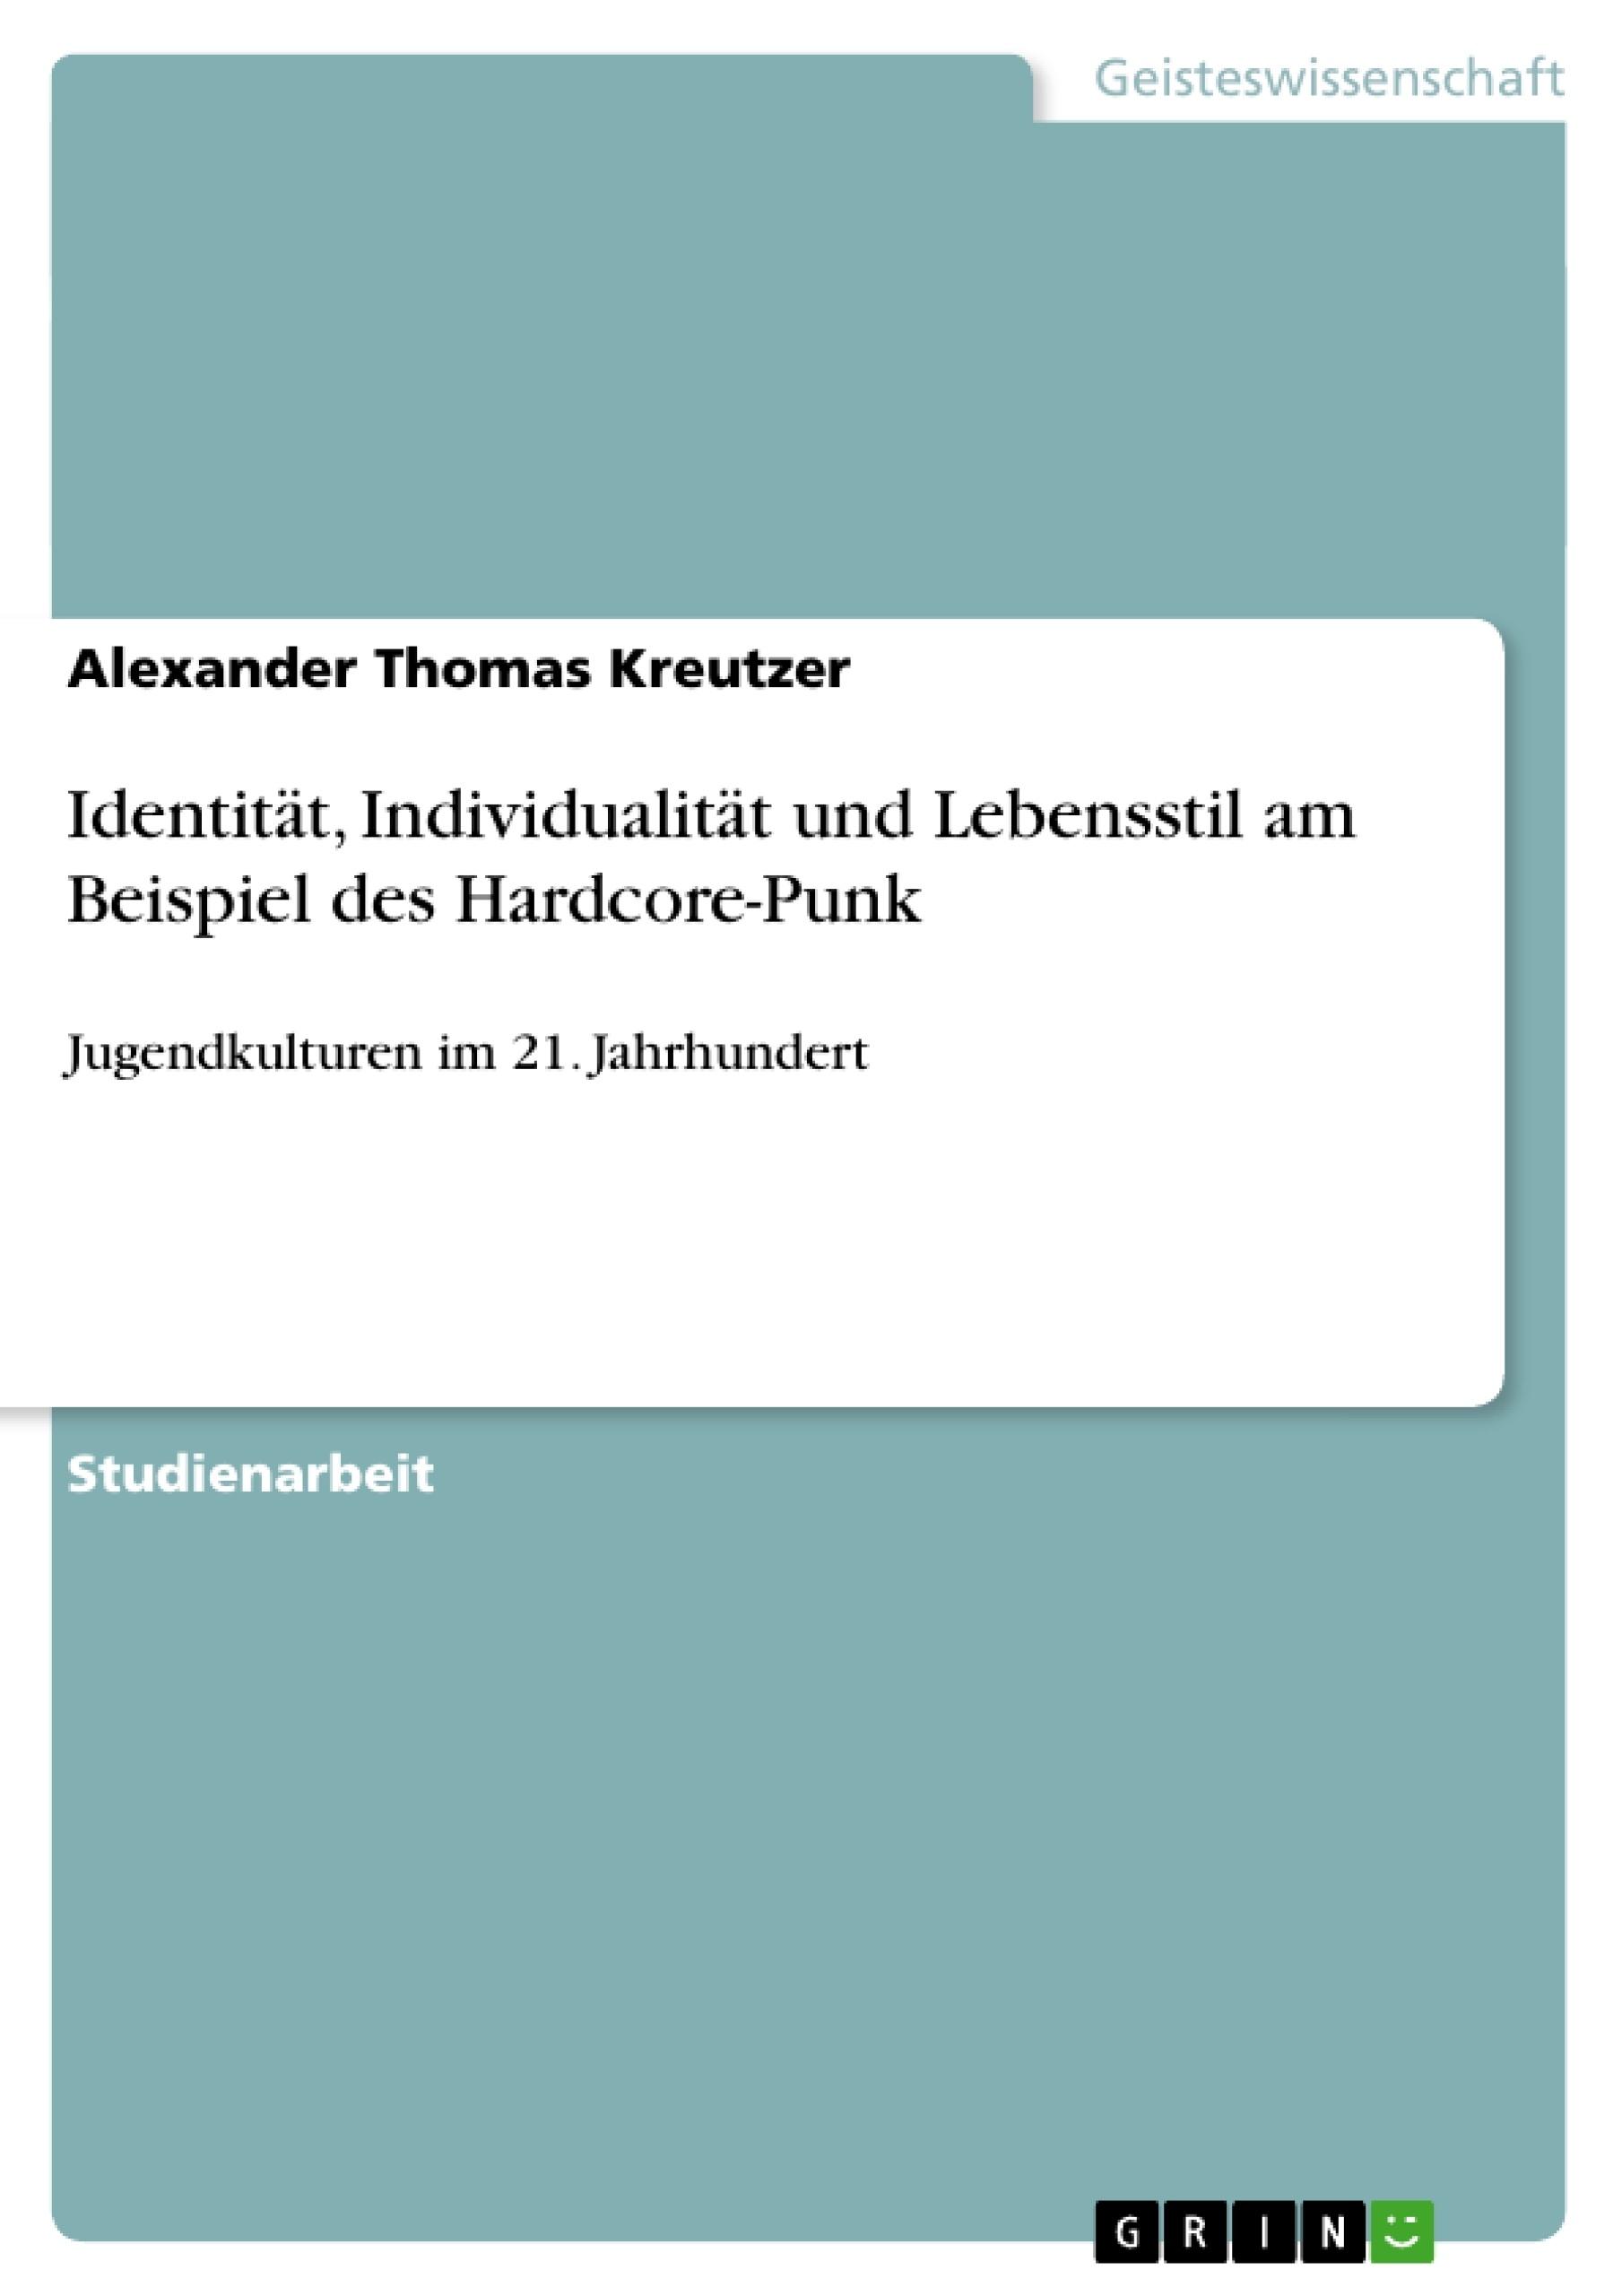 Titel: Identität, Individualität und Lebensstil am Beispiel des Hardcore-Punk